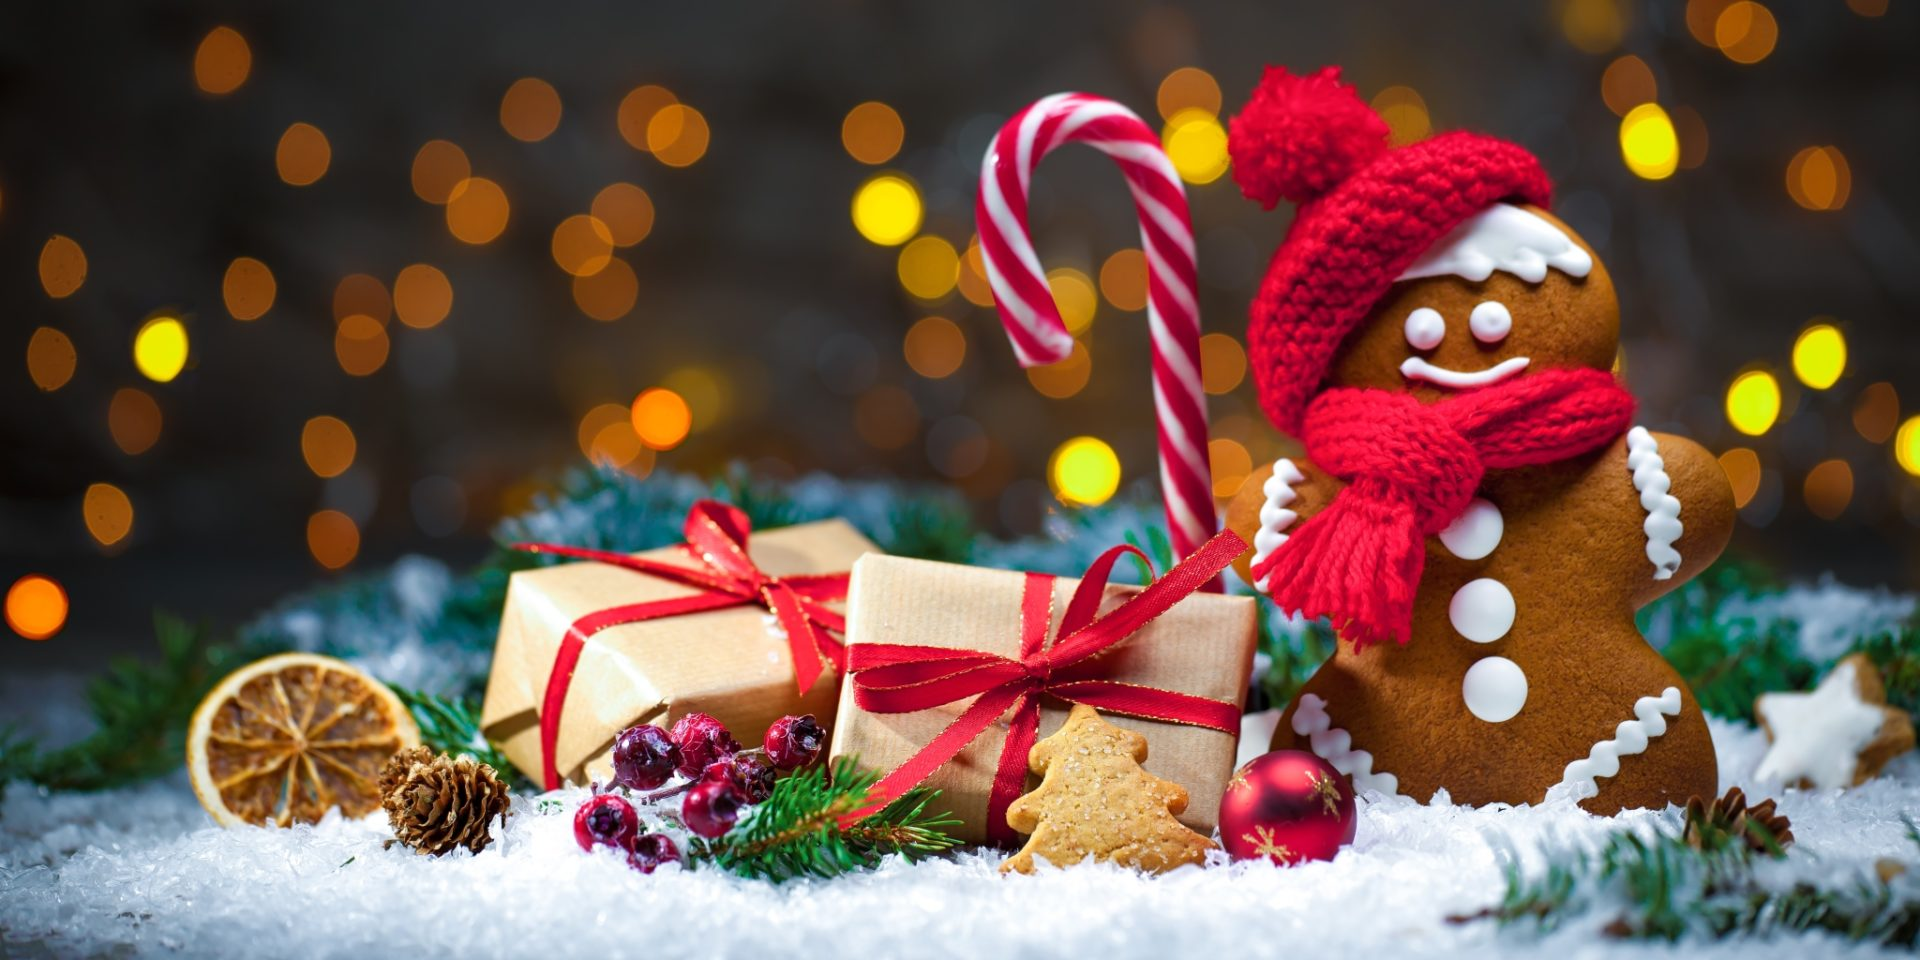 Os deseamos una Feliz Navidad y un Próspero Año Nuevo! | CEIN